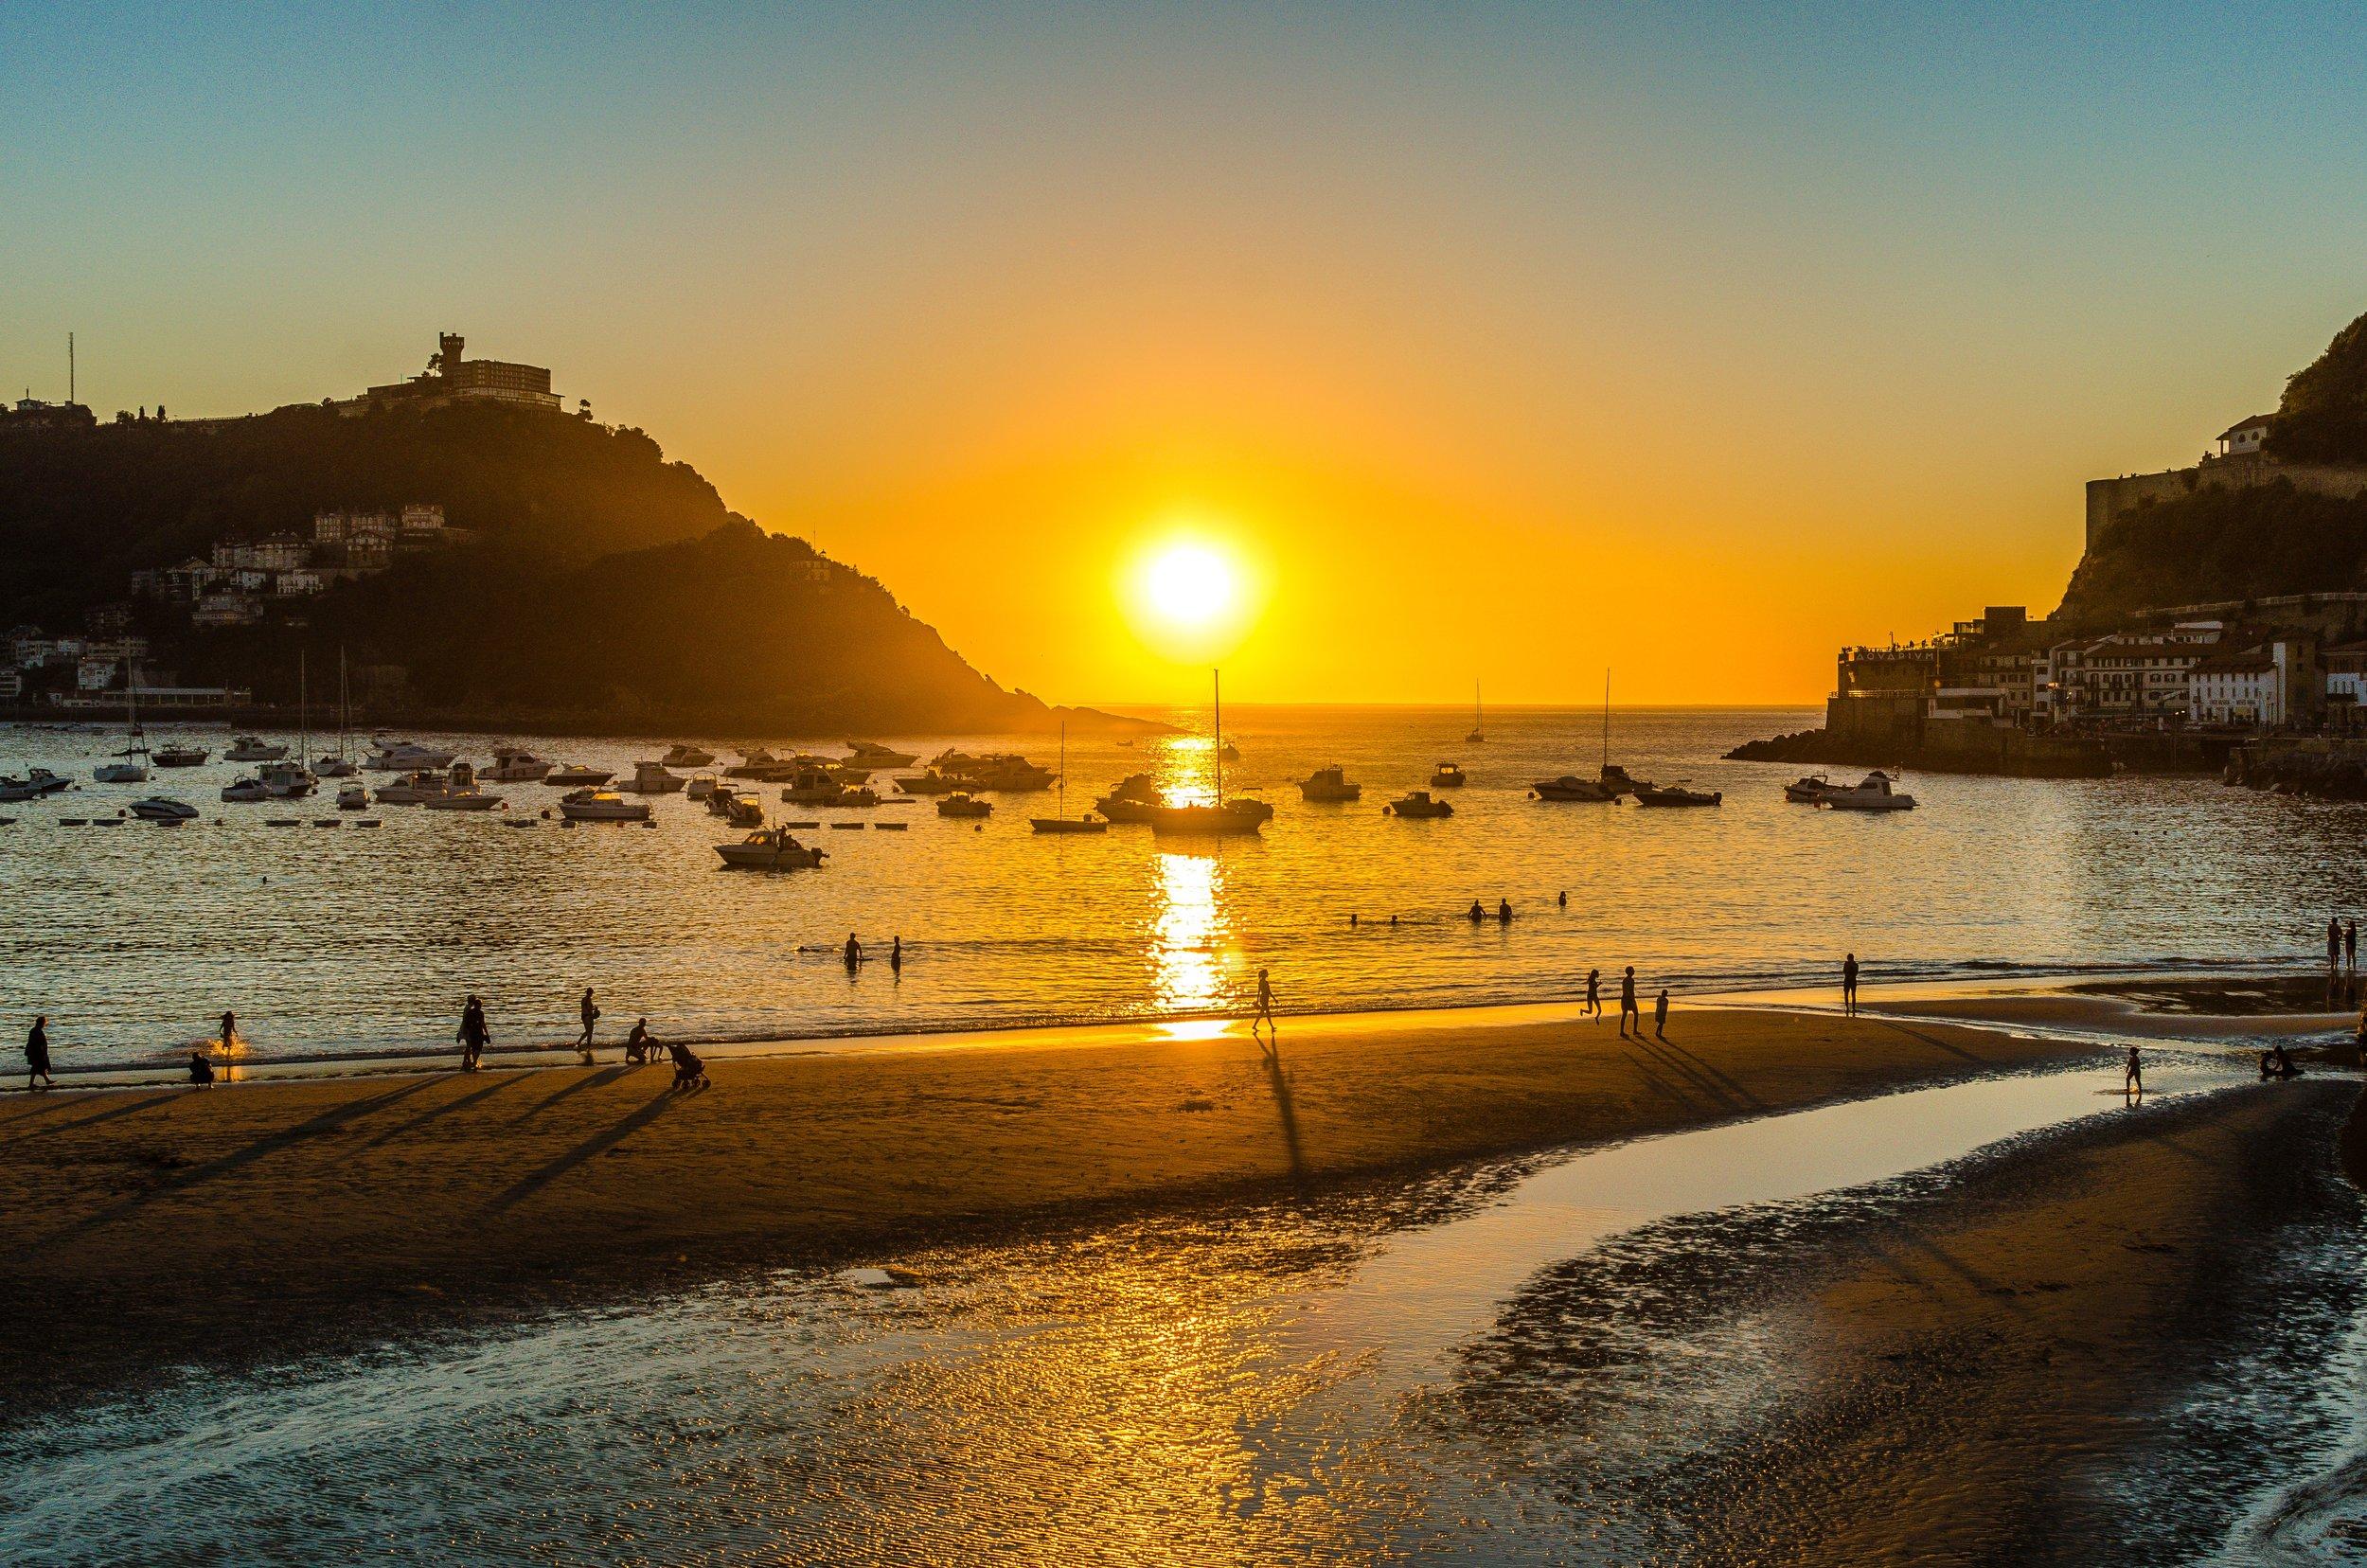 bay-beach-dawn-1038560.jpg